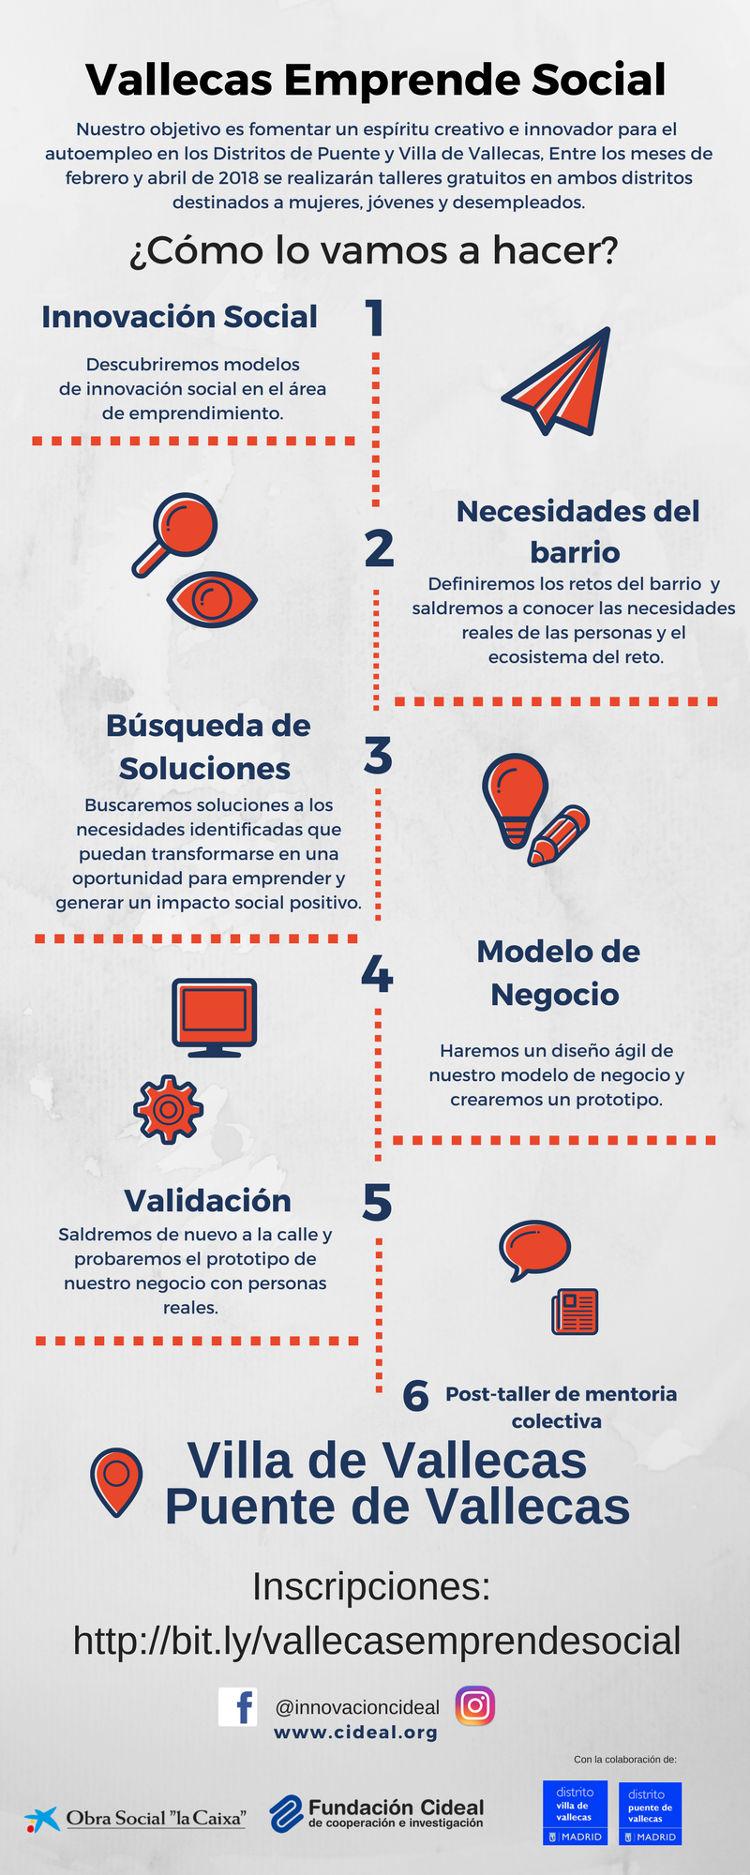 Proyecto Vallecas Emprende Social